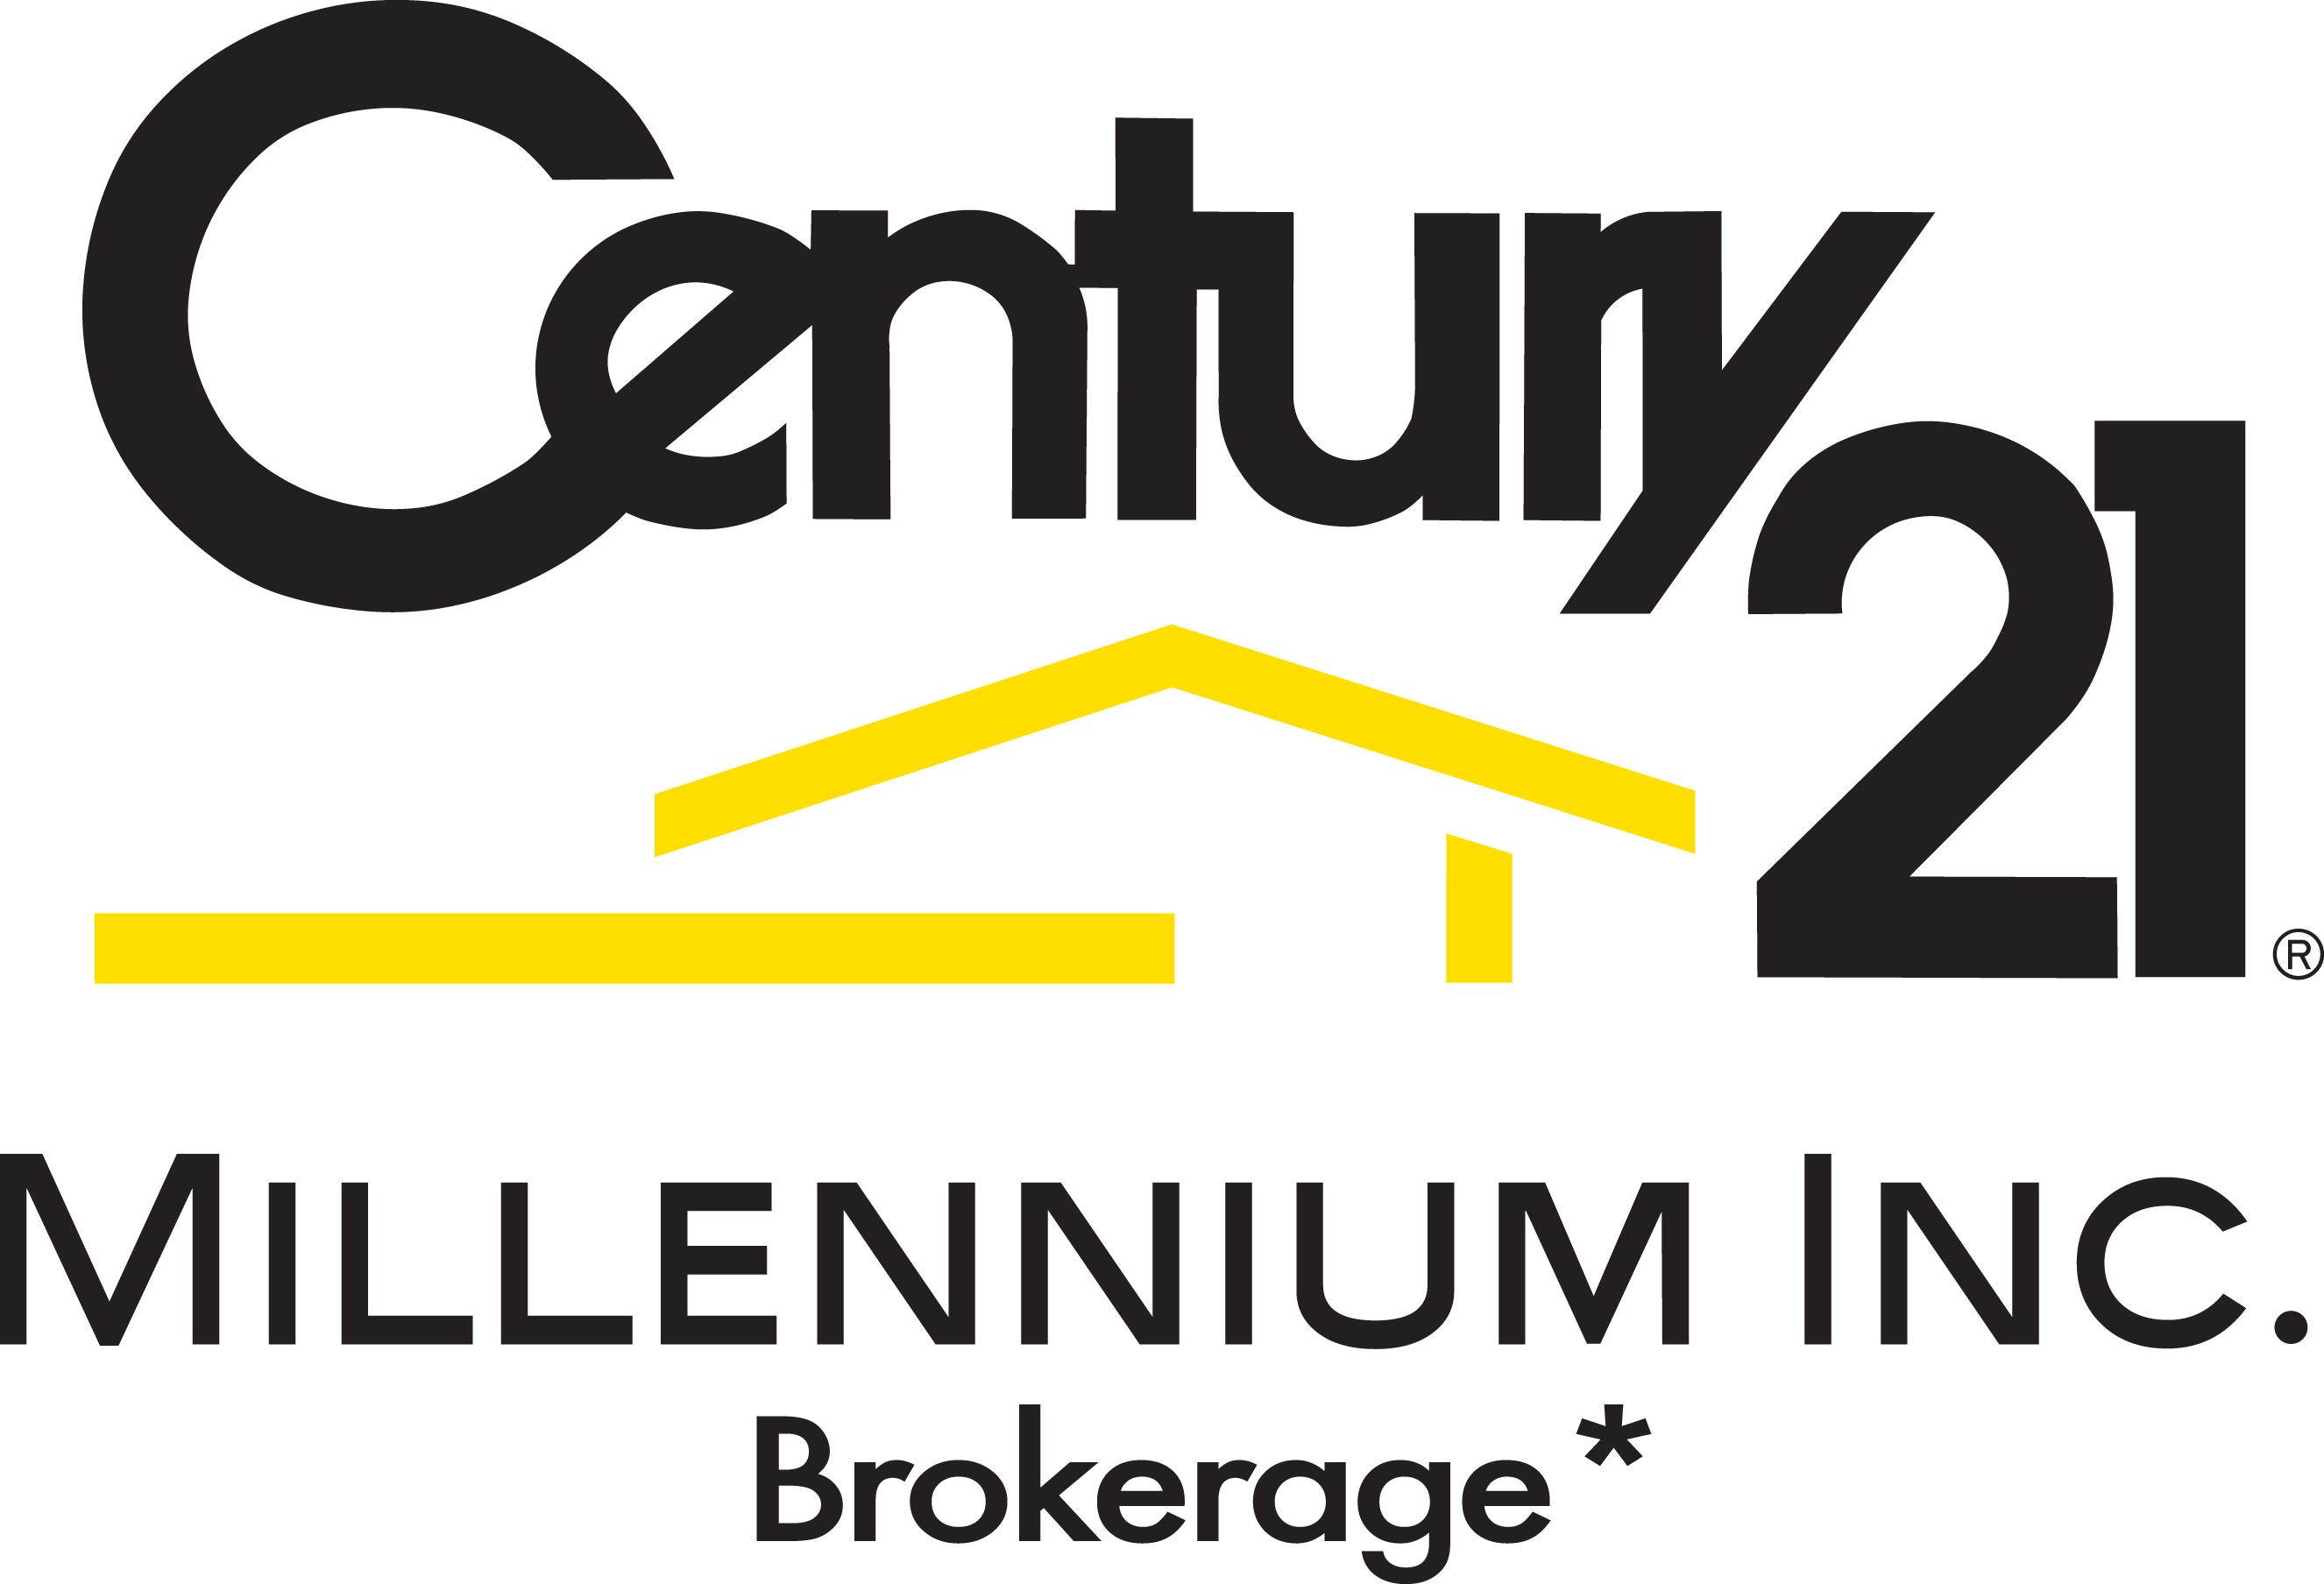 Century 21 Millennium Inc. Brokerage